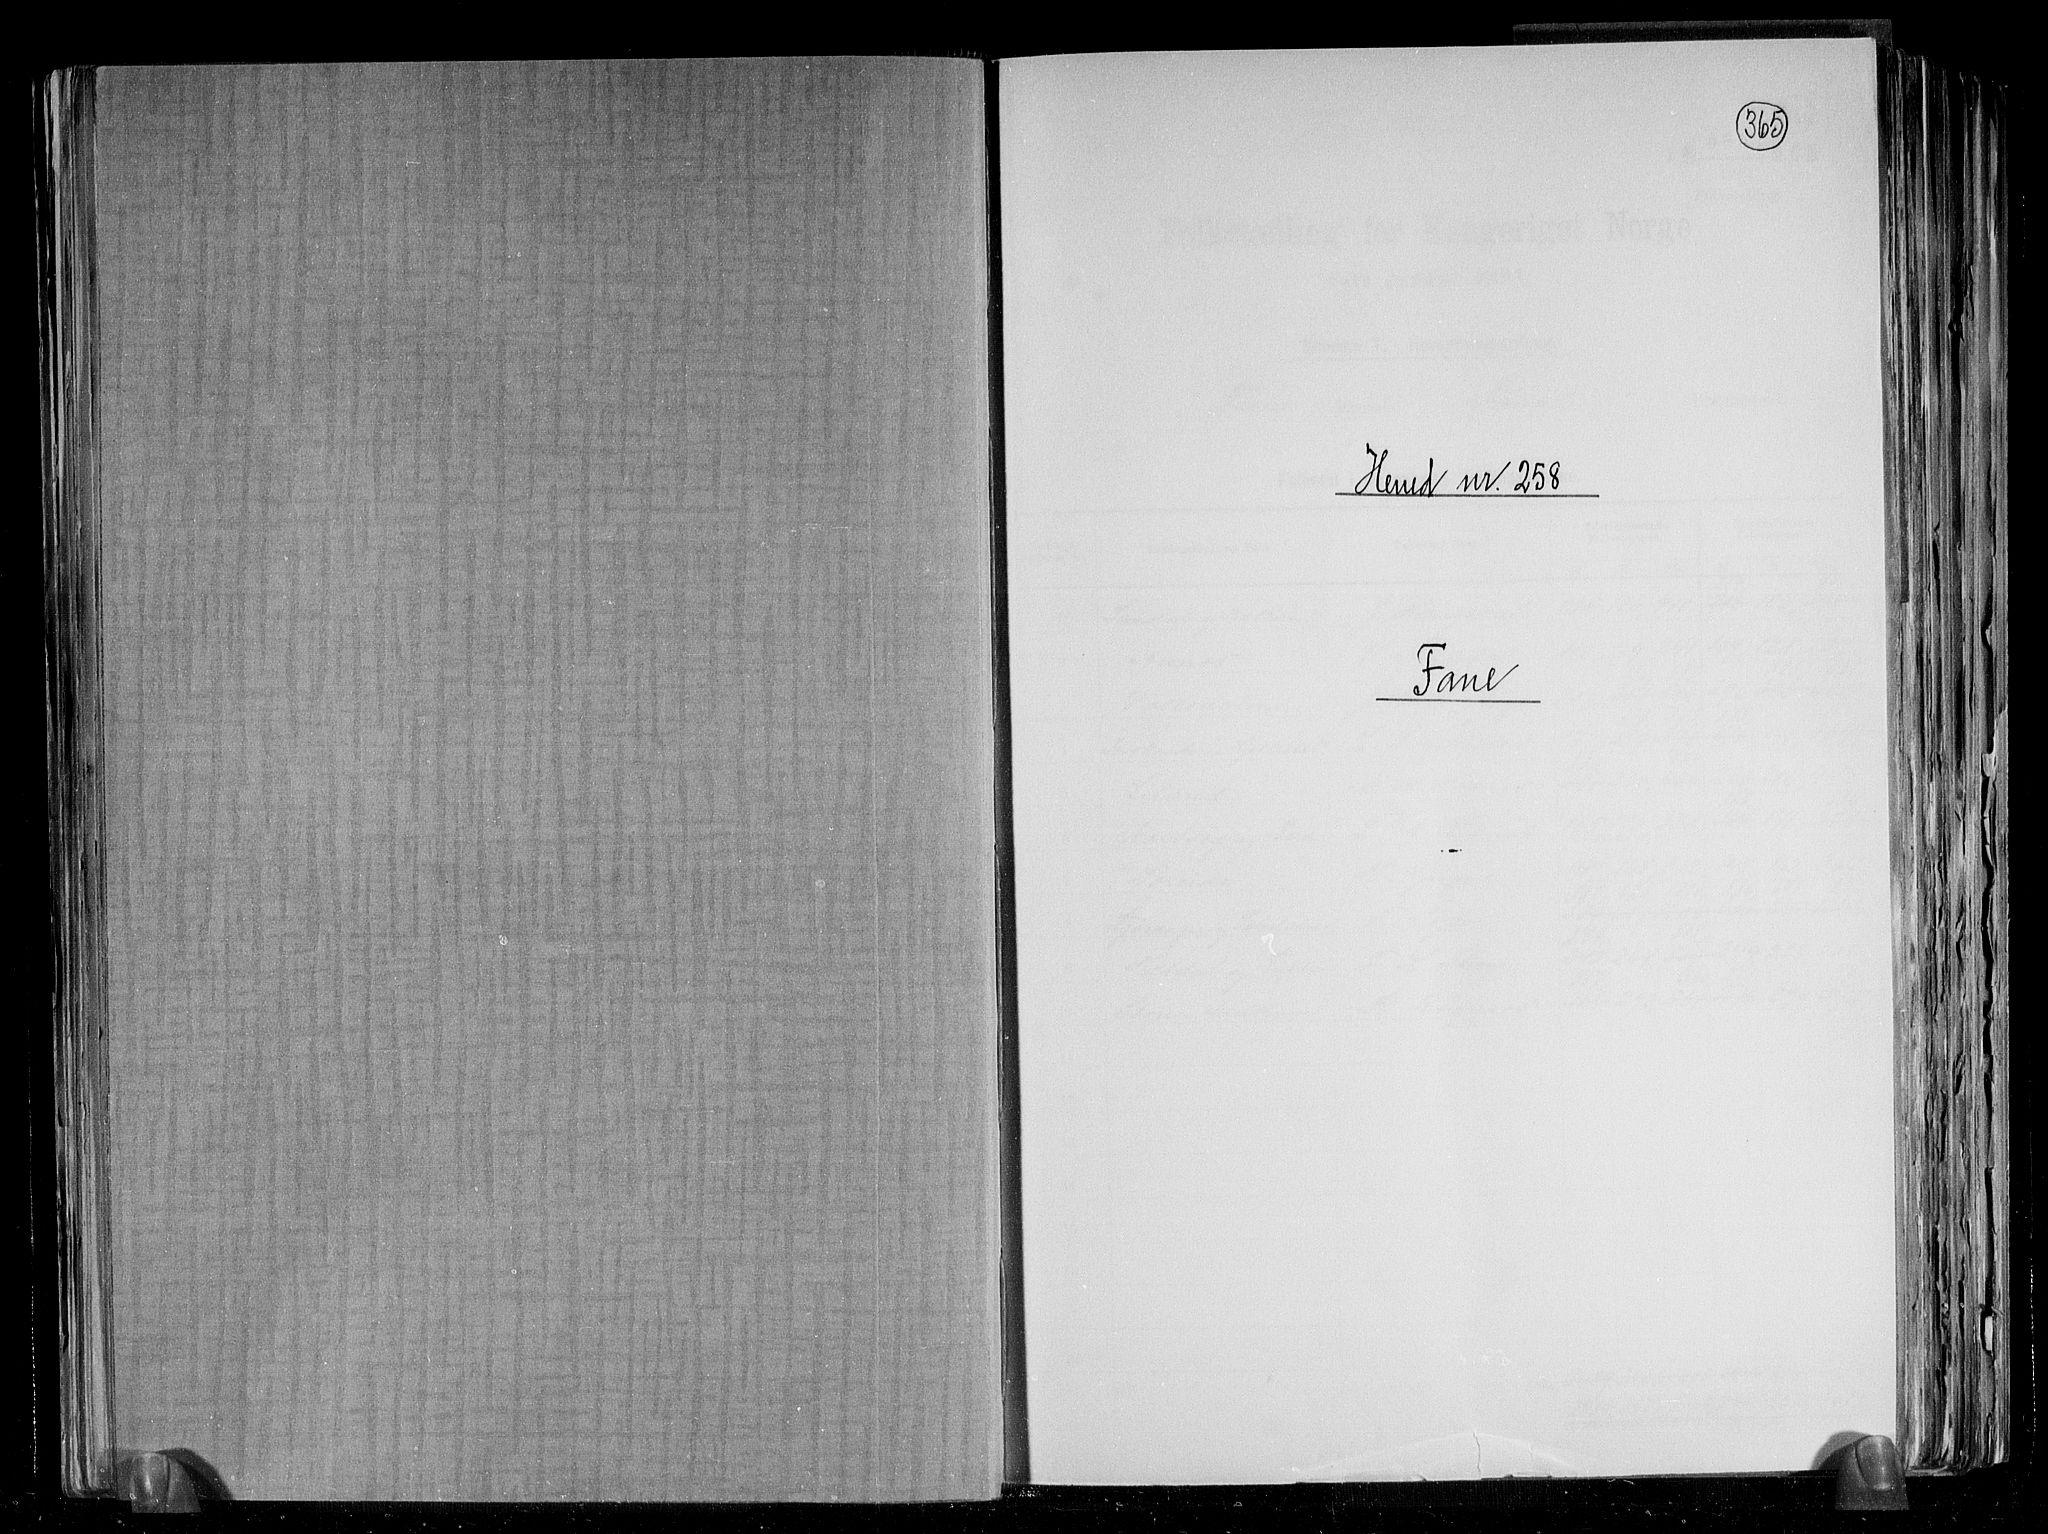 RA, Folketelling 1891 for 1249 Fana herred, 1891, s. 1